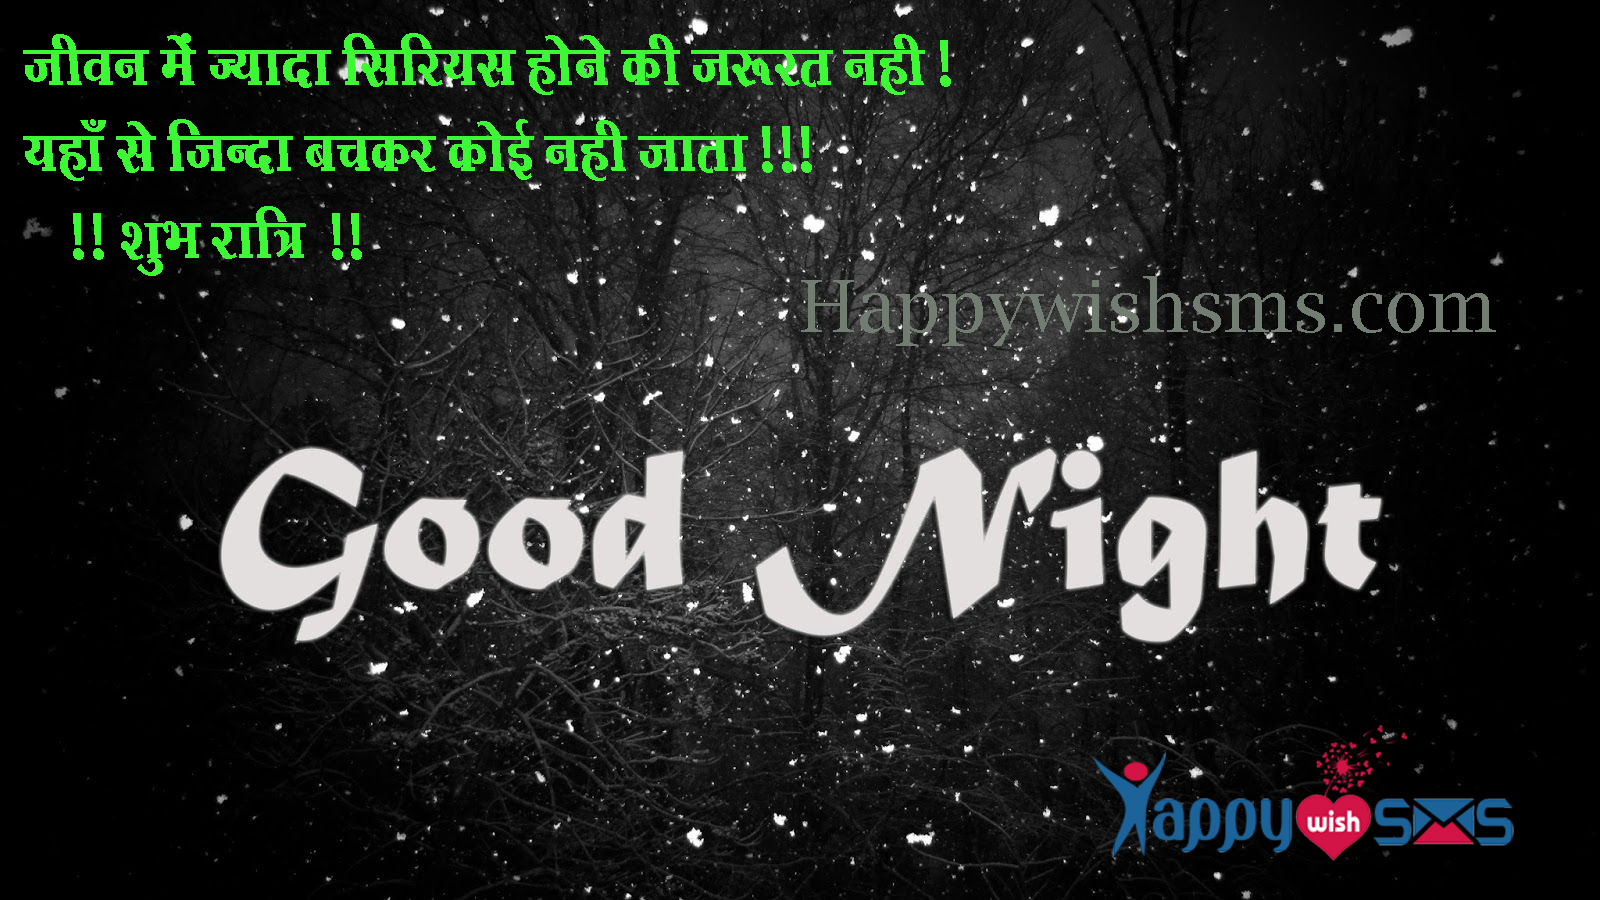 Good Night Wish : जीवन में ज्यादा सिरियस होने की जरूरत नही…